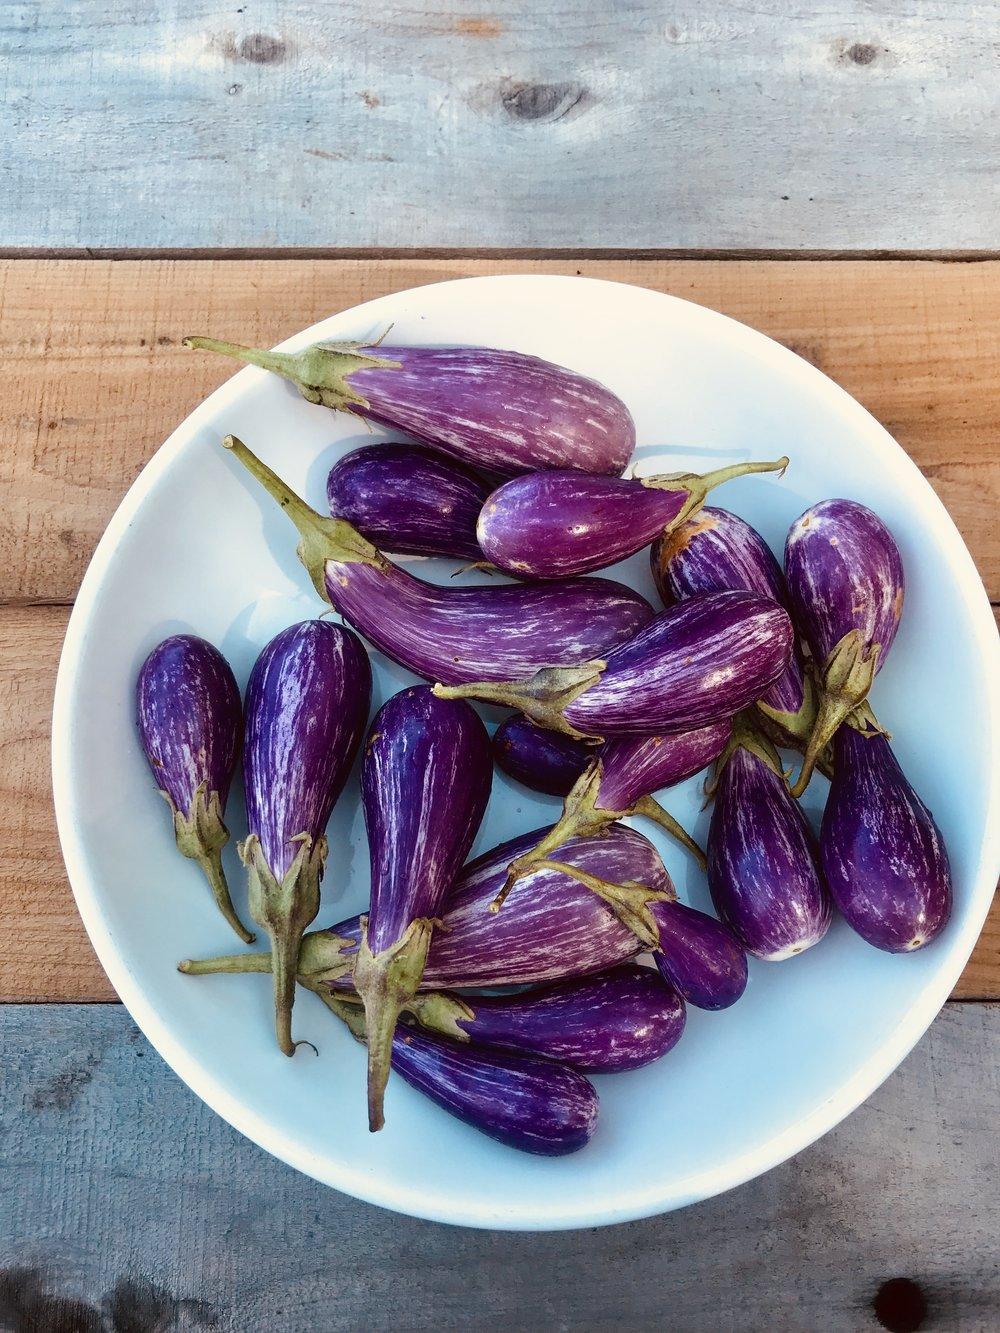 Fairytale Eggplant /  Belle Meadows